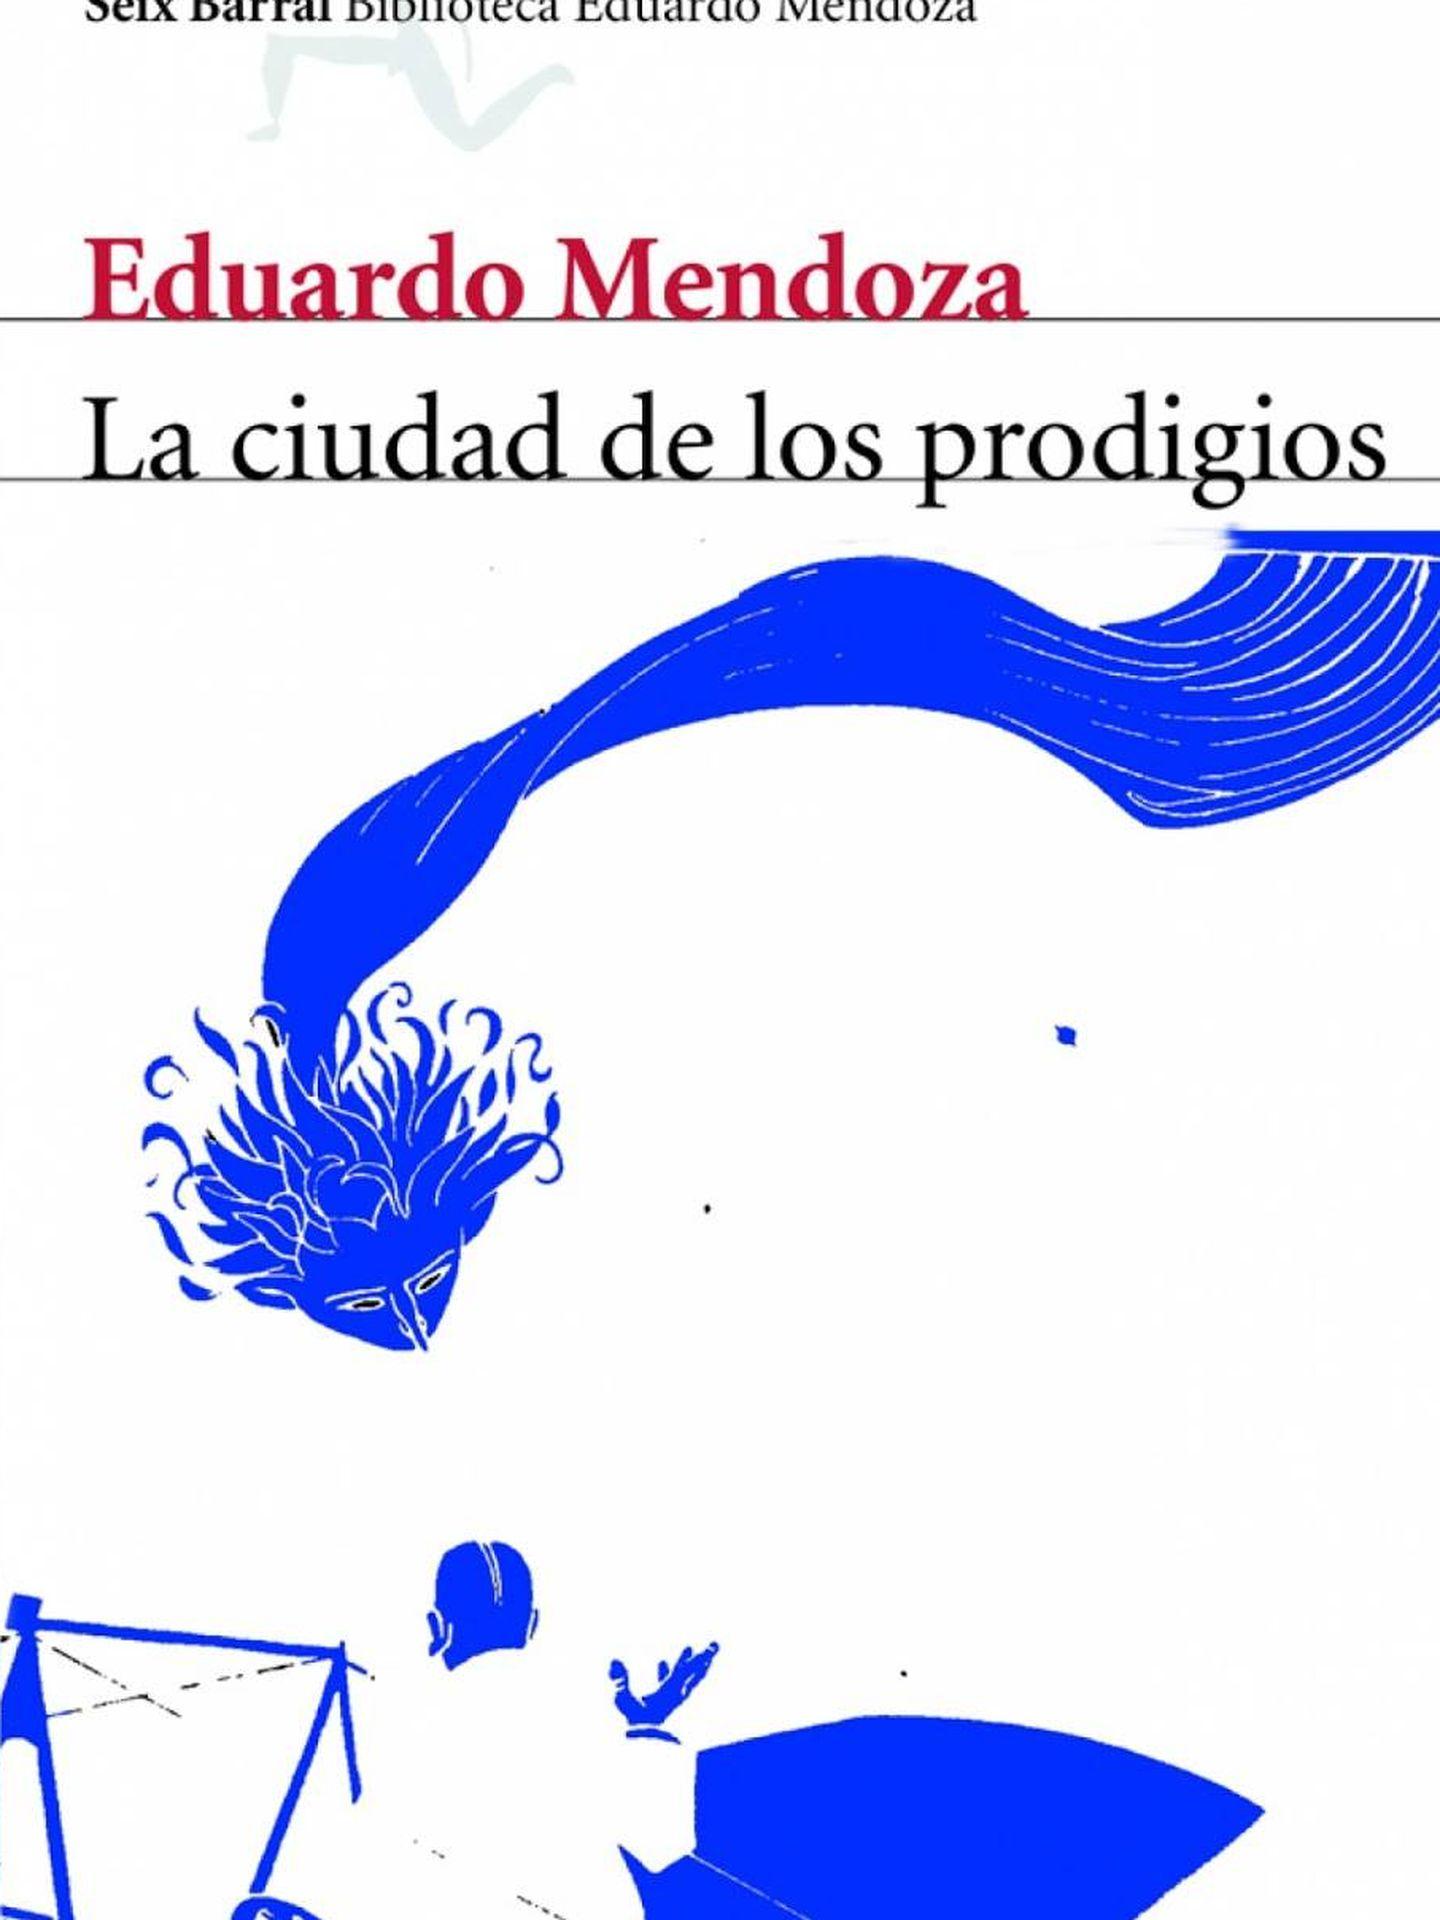 'La ciudad de los prodigios'